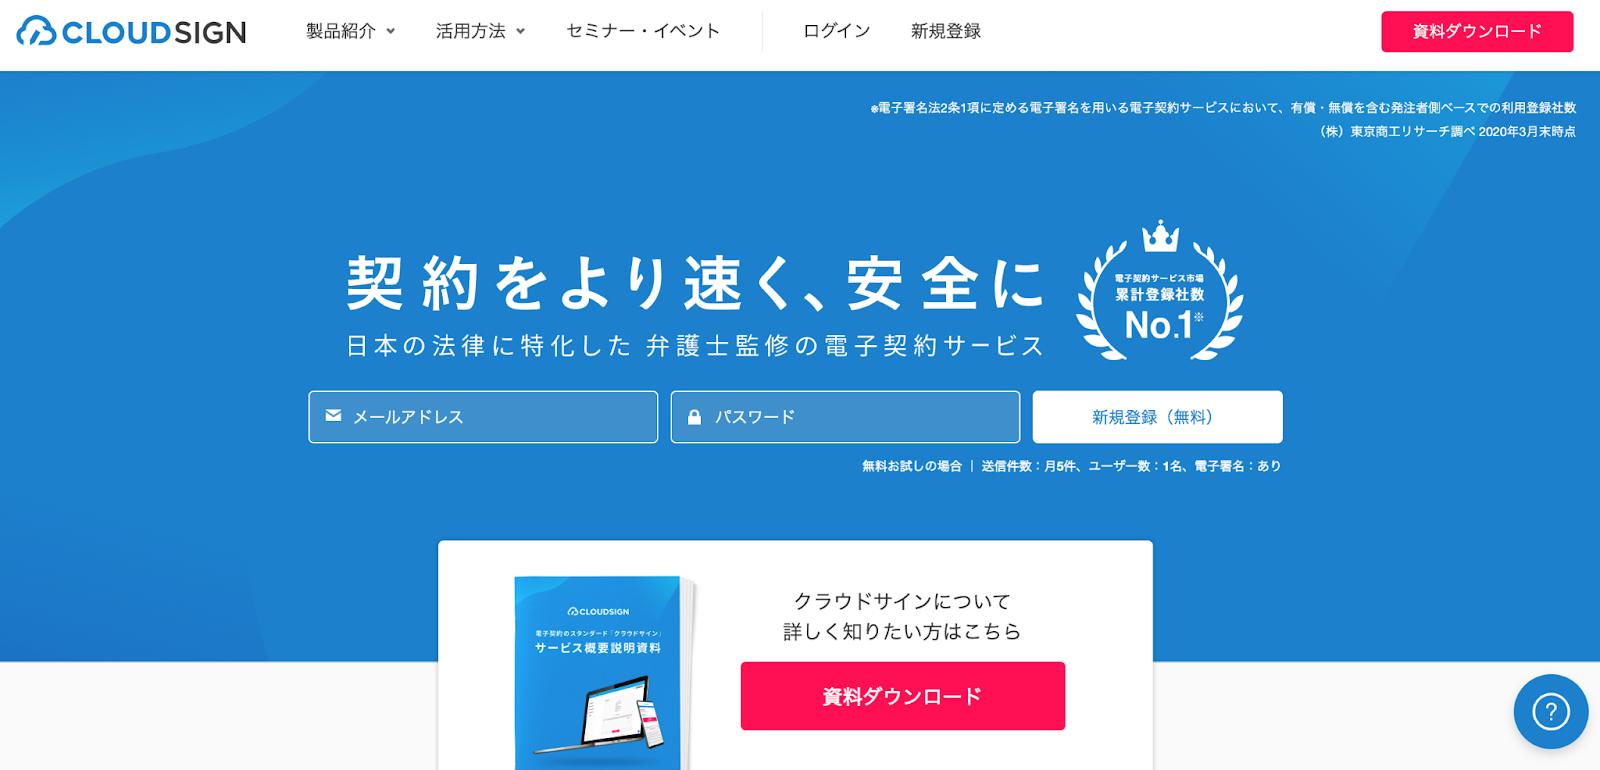 BtoBマーケティング用語集をアイウエオ順   「ワ」行編